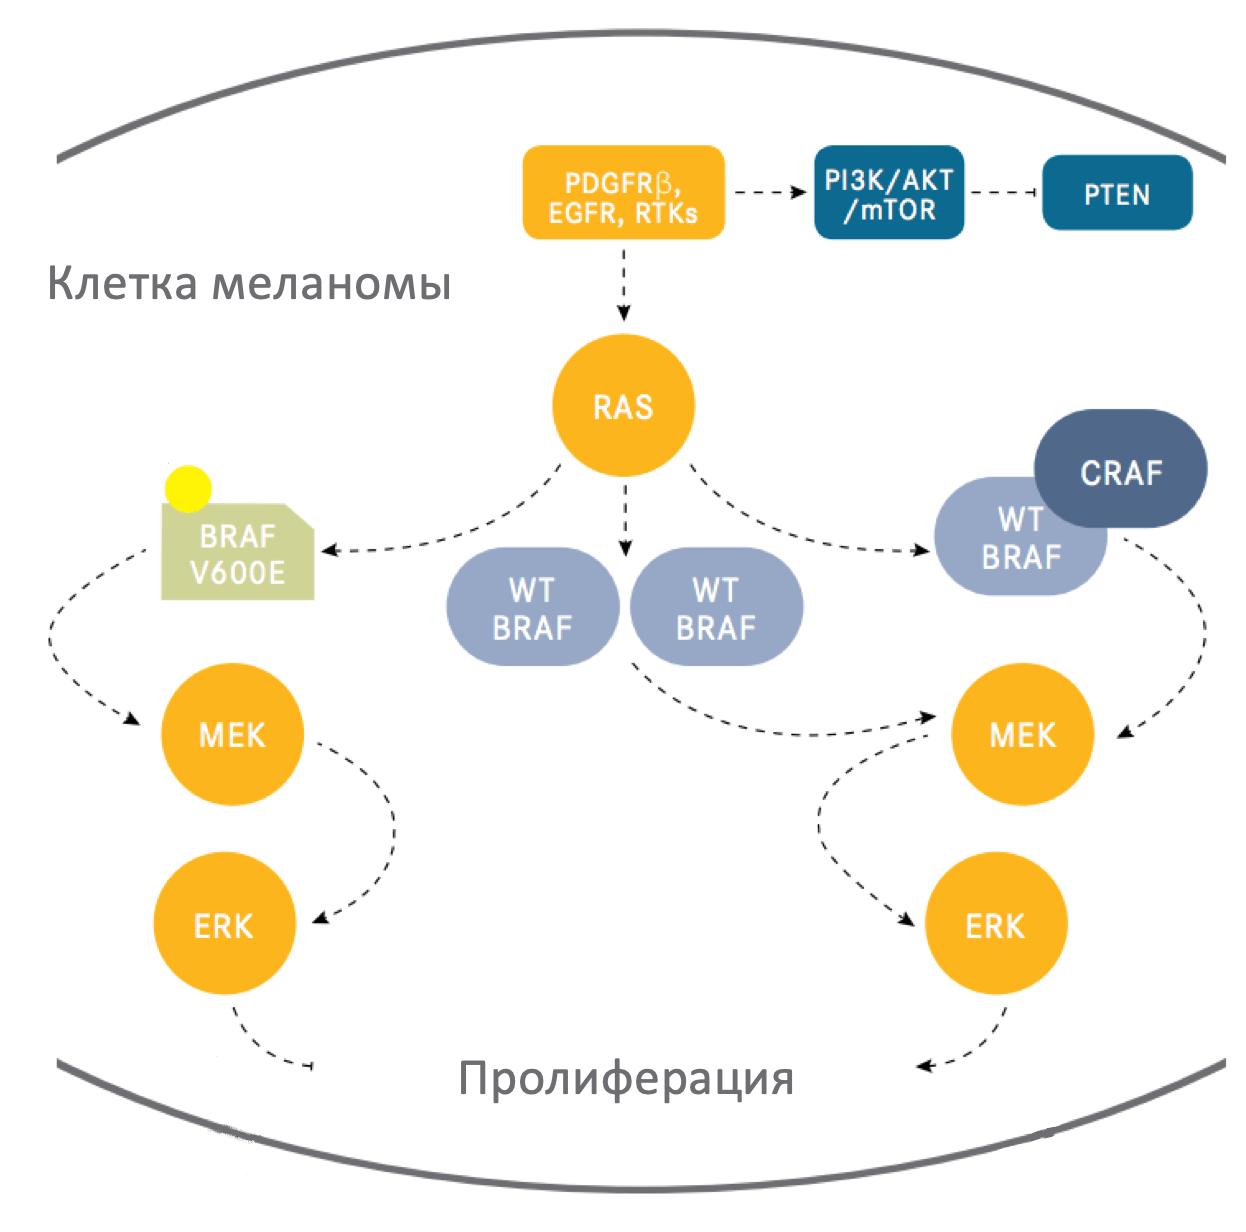 Влияние со стороны BRAF и MEK на жизнедеятельность клеток при меланоме